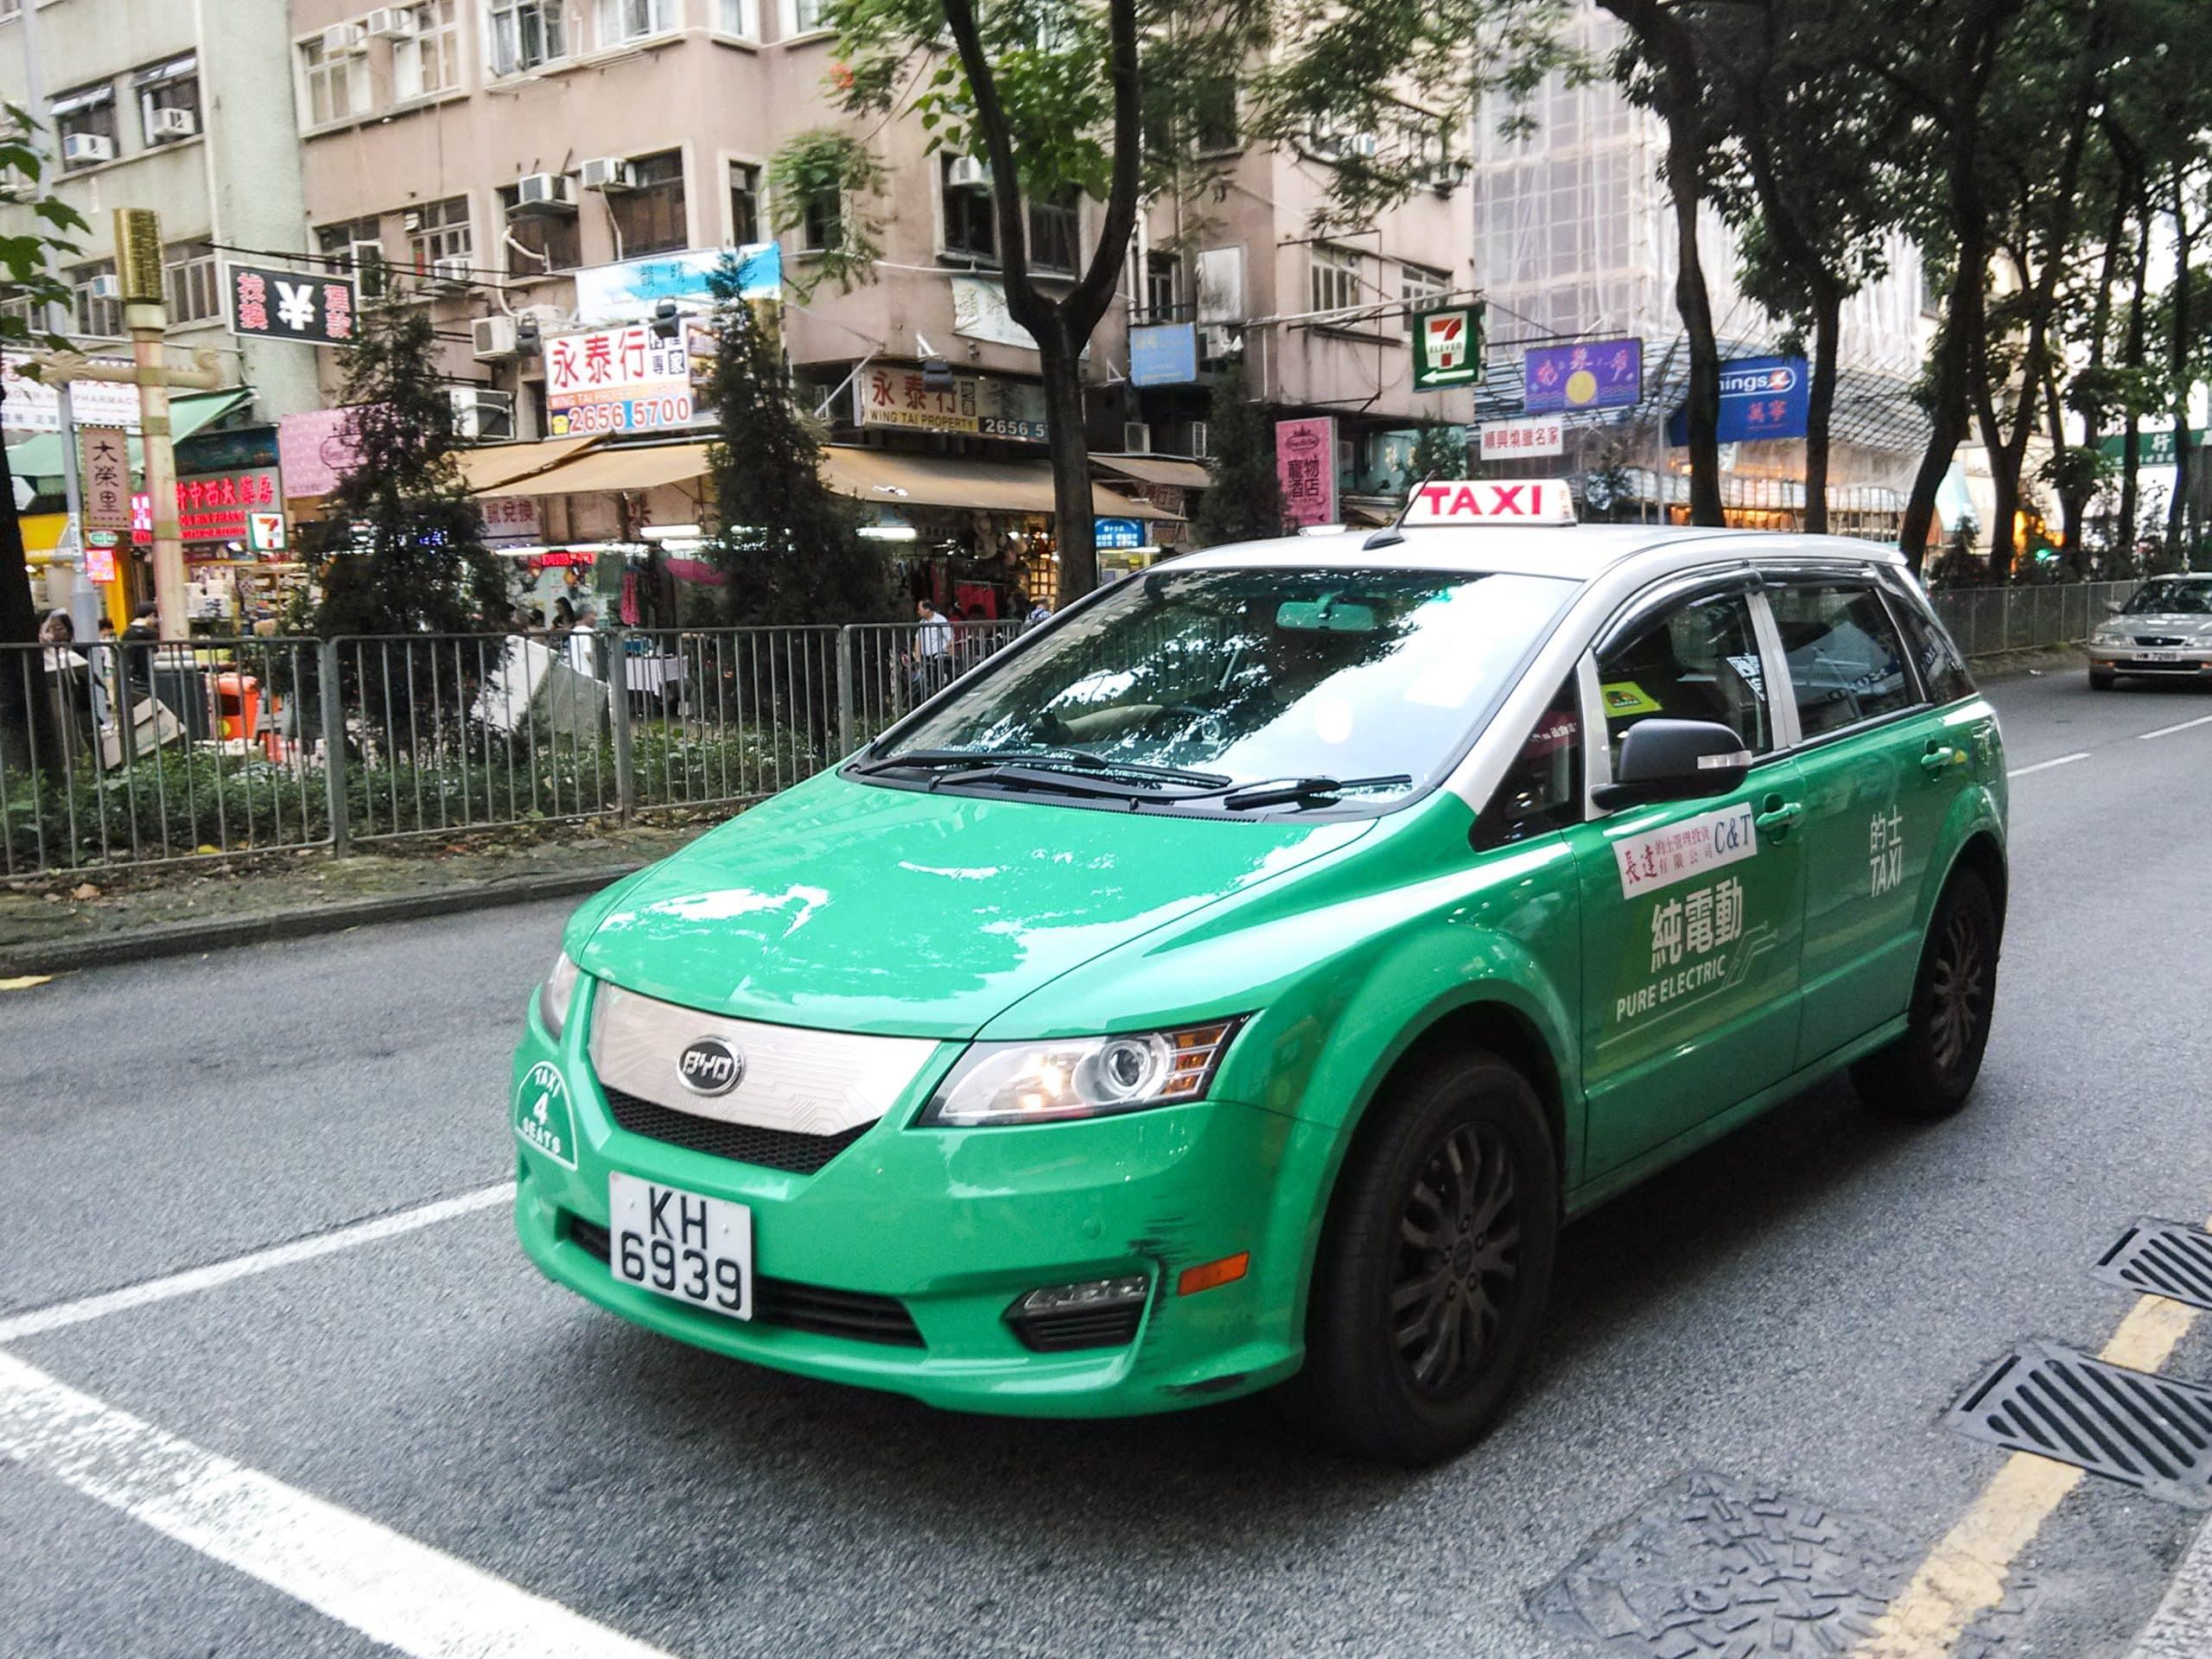 Taxi contre les VTC à Marseille : la guerre est déclarée